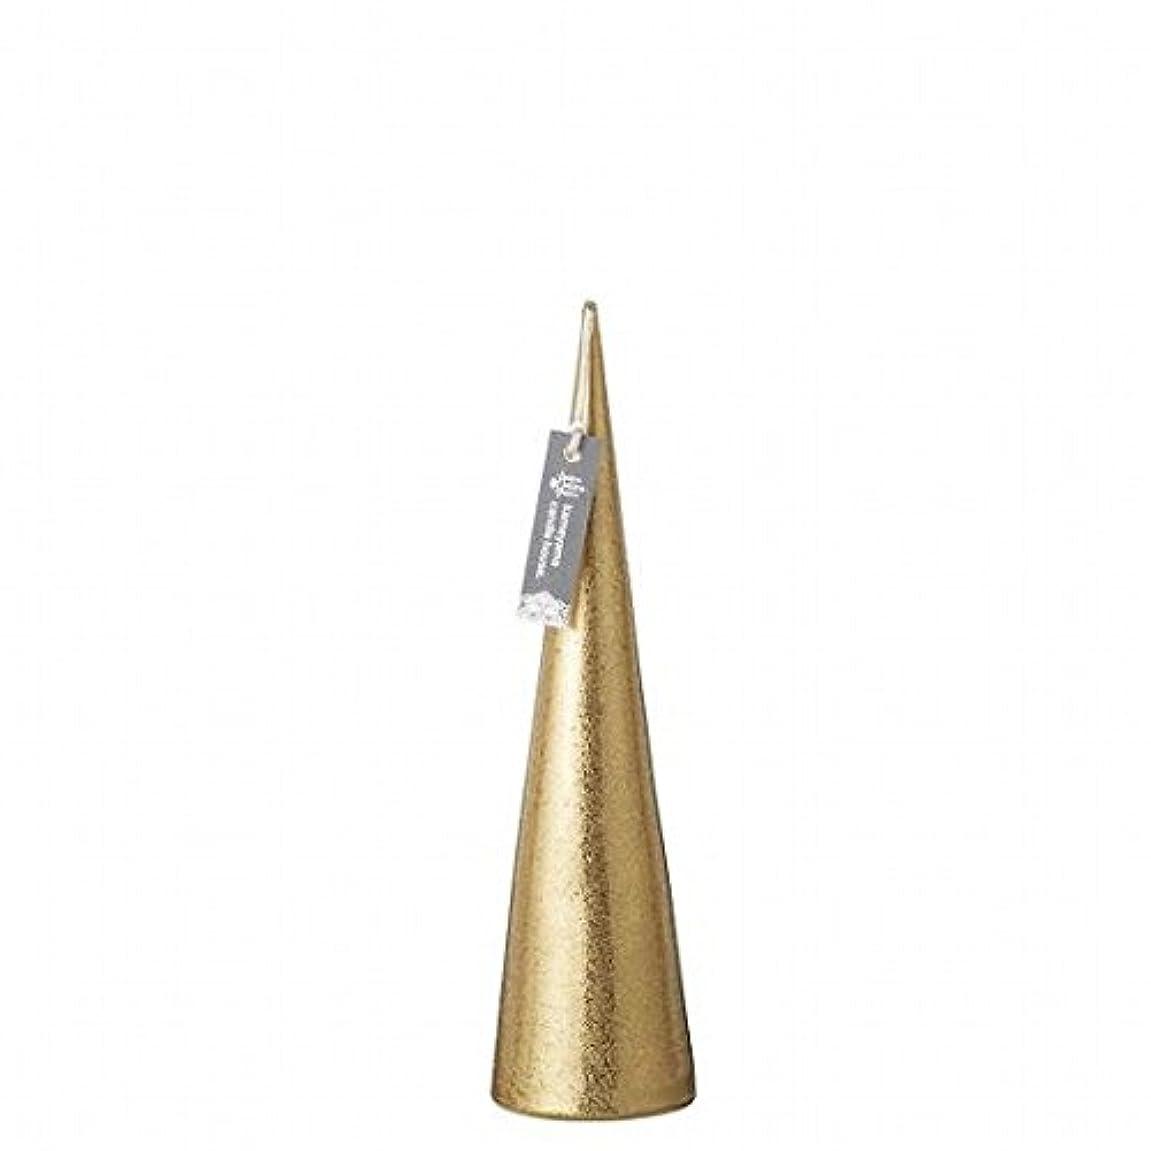 周りチャネルバンクkameyama candle(カメヤマキャンドル) メタリックコーンM「 ゴールド 」(A9560110GO)